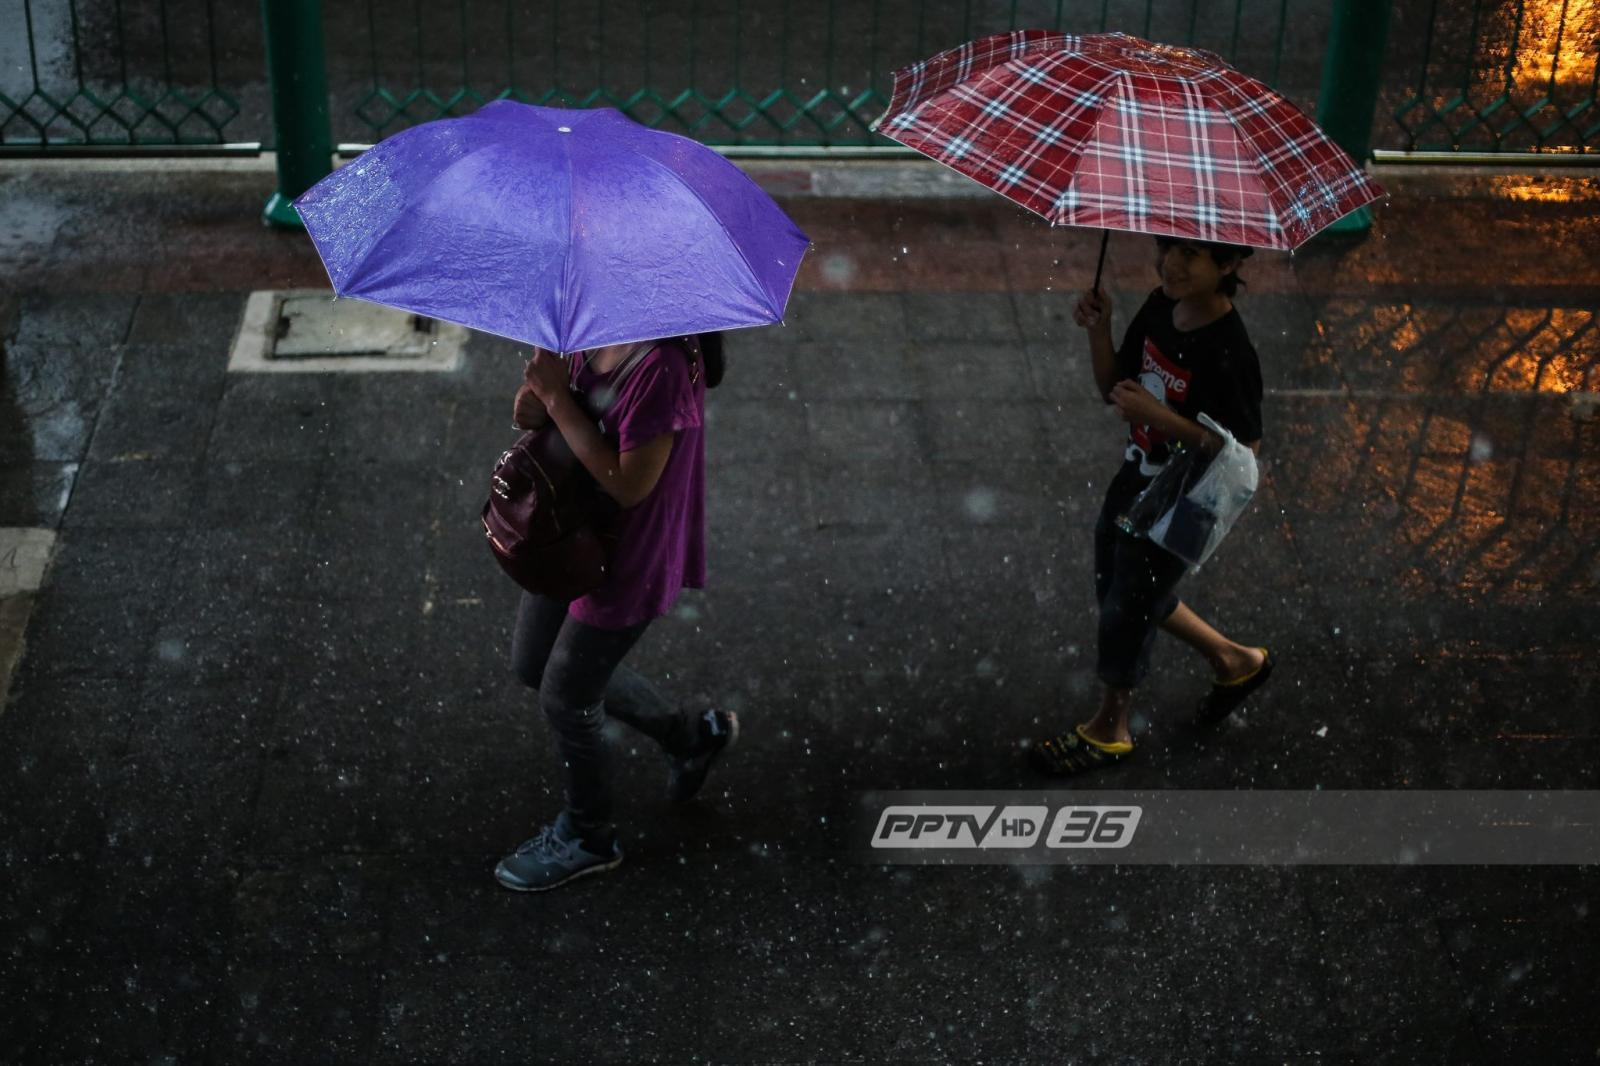 อุตุฯเตือนปชช.12-15 ต.ค. ฝนตกหนัก